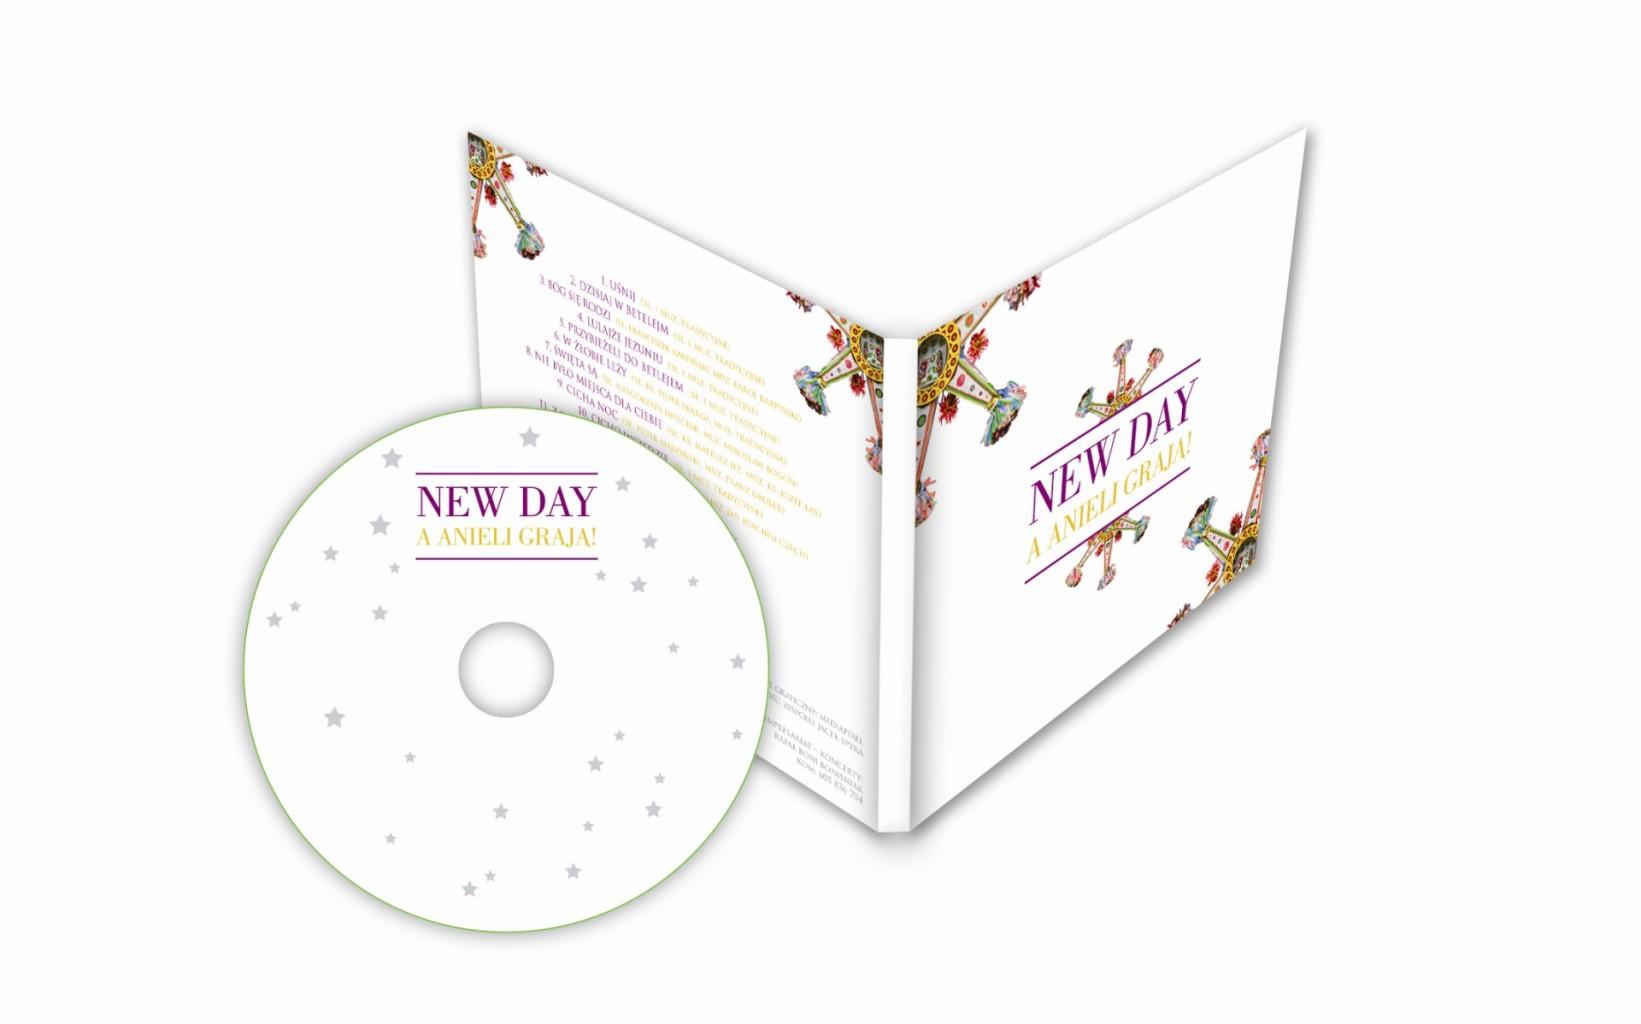 New Day - A Anieli Grają!